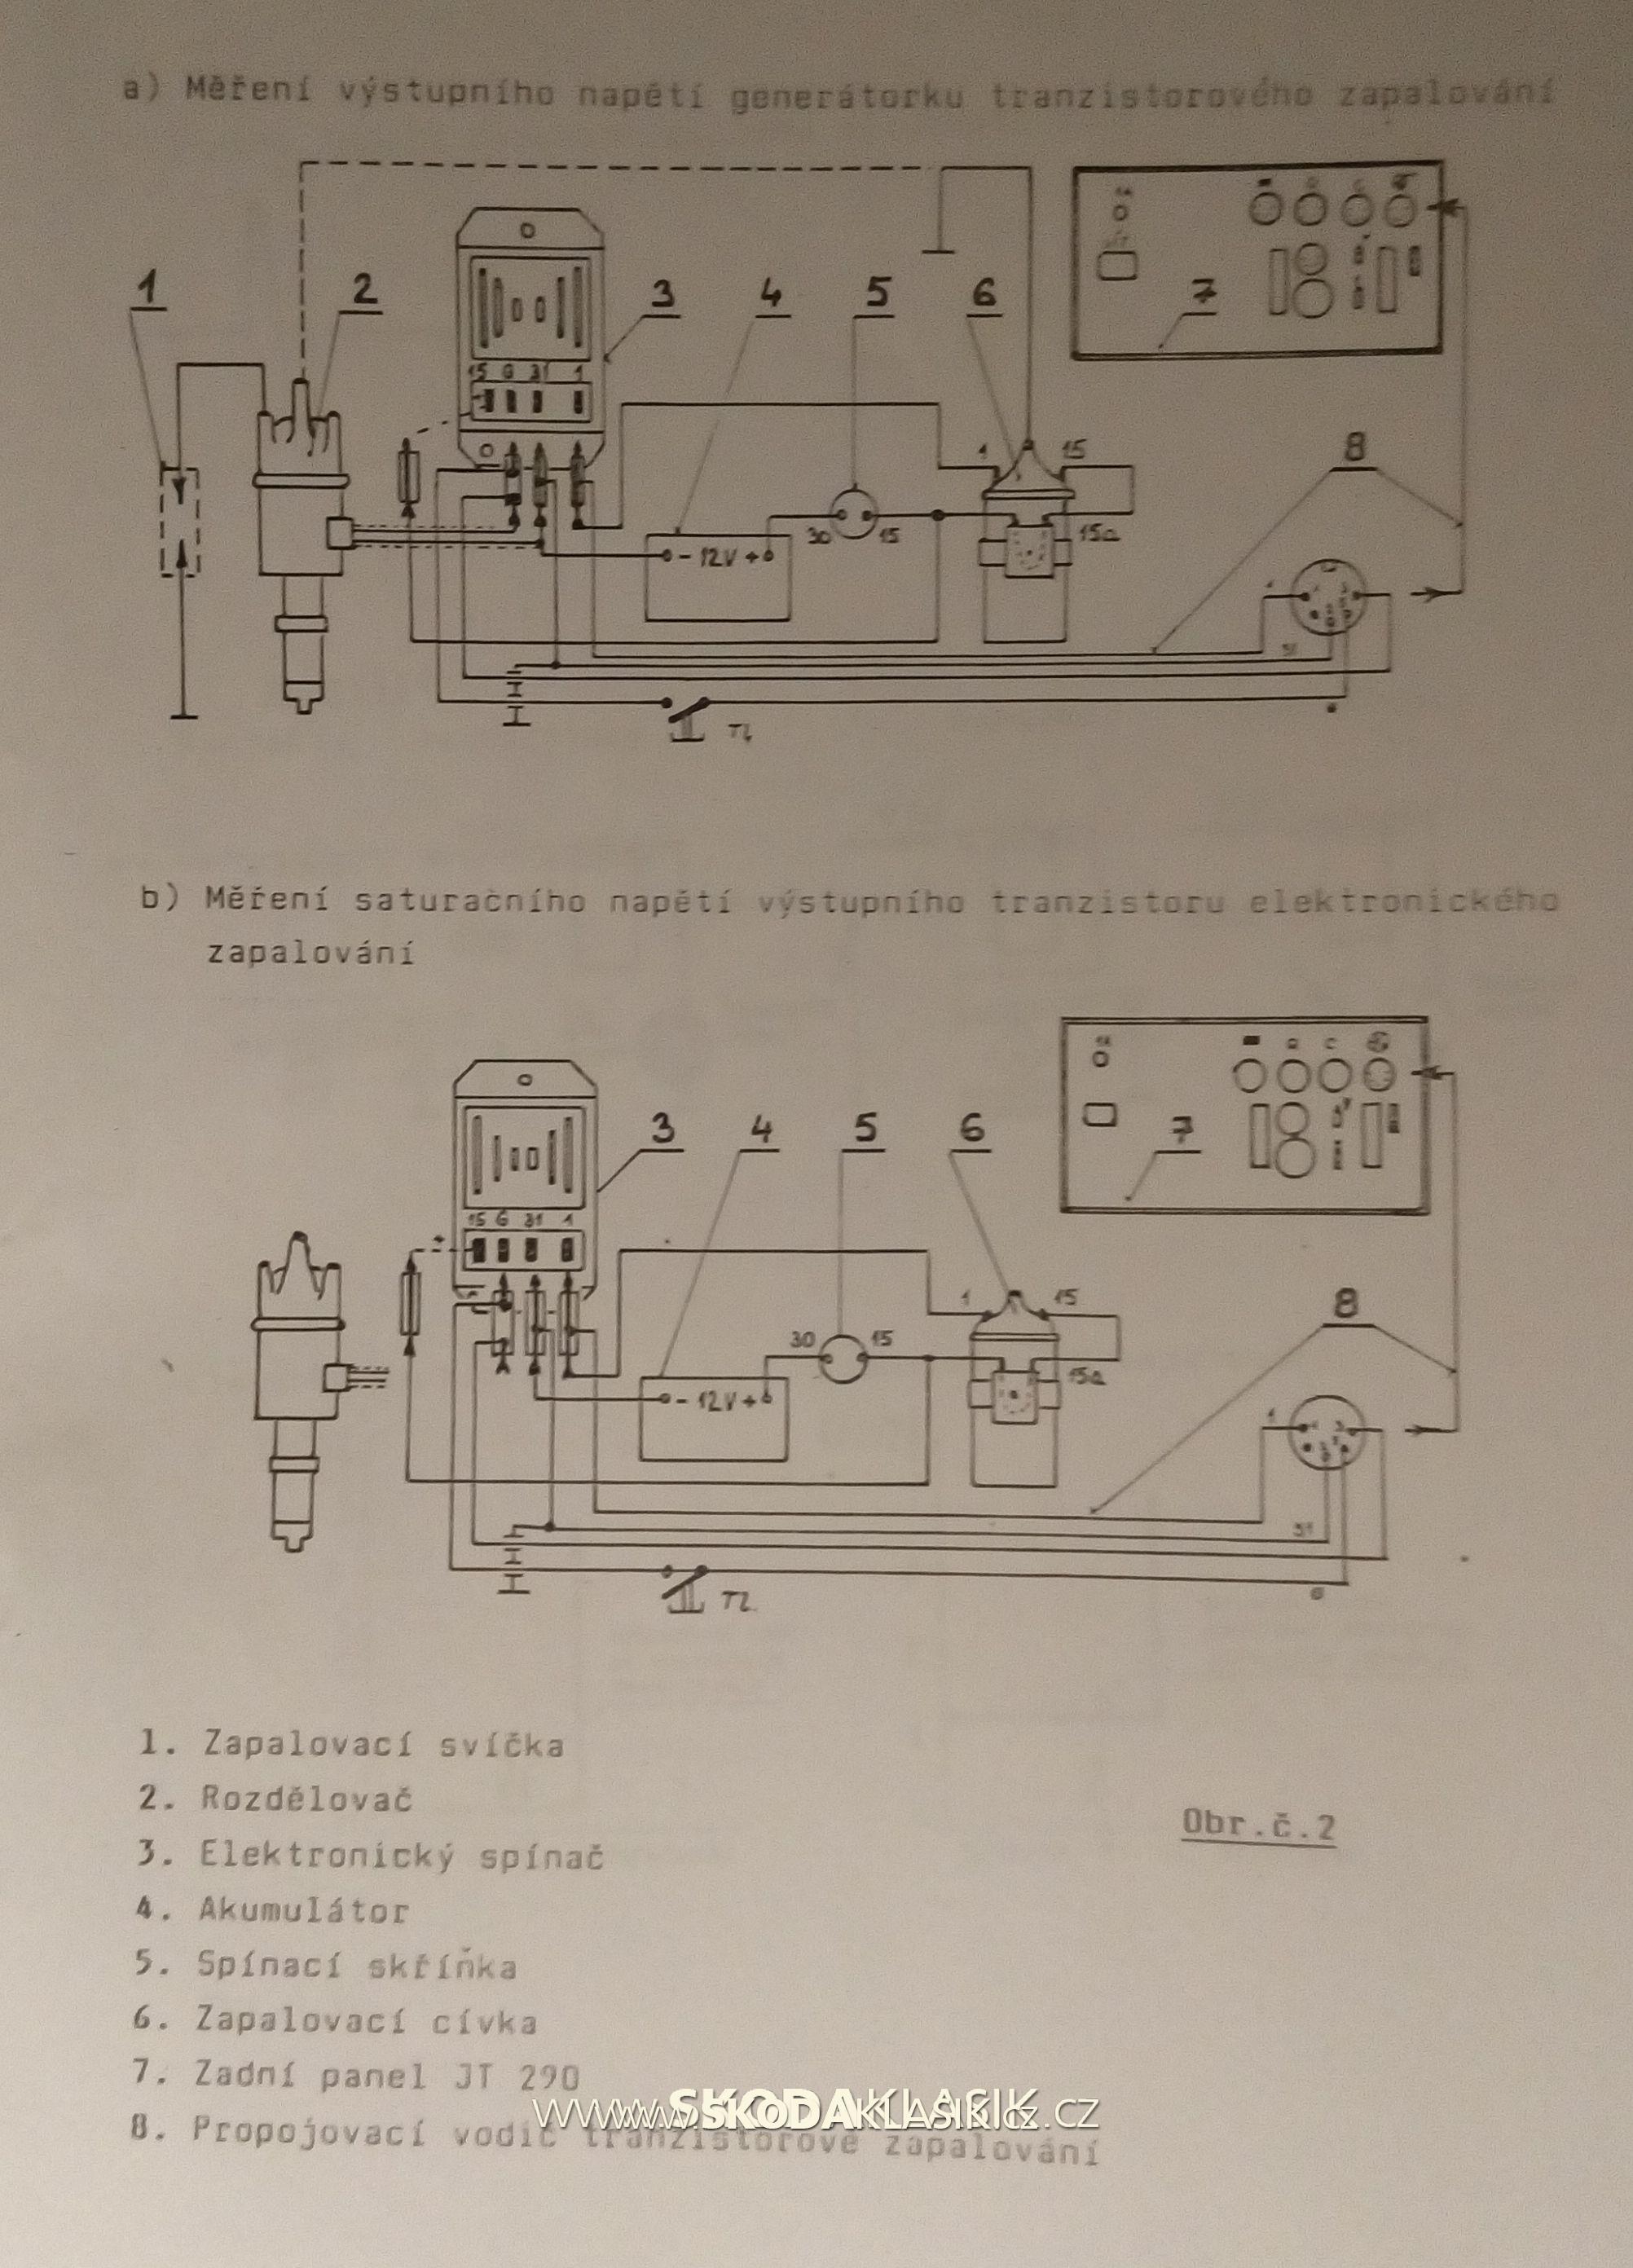 Elektronické zapalování zapojení měření